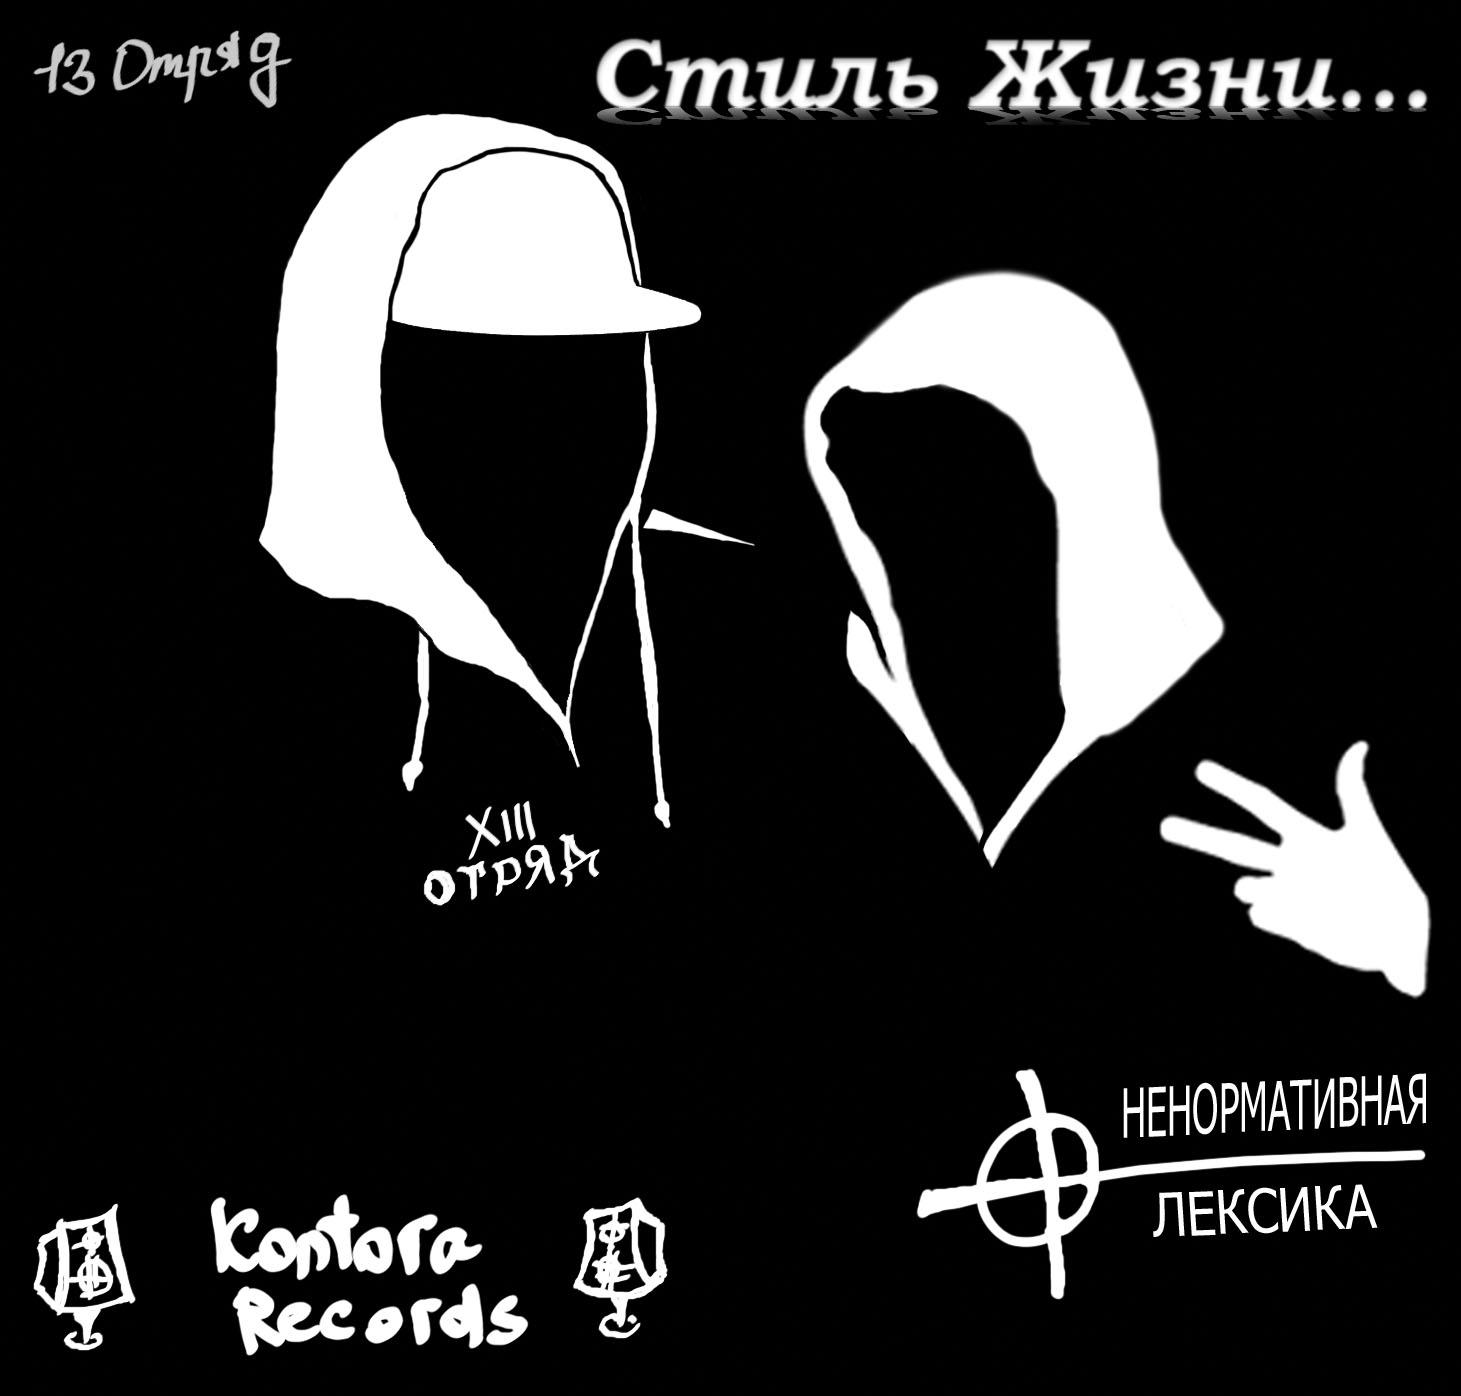 2012 Скачать Рэп Бесплатно